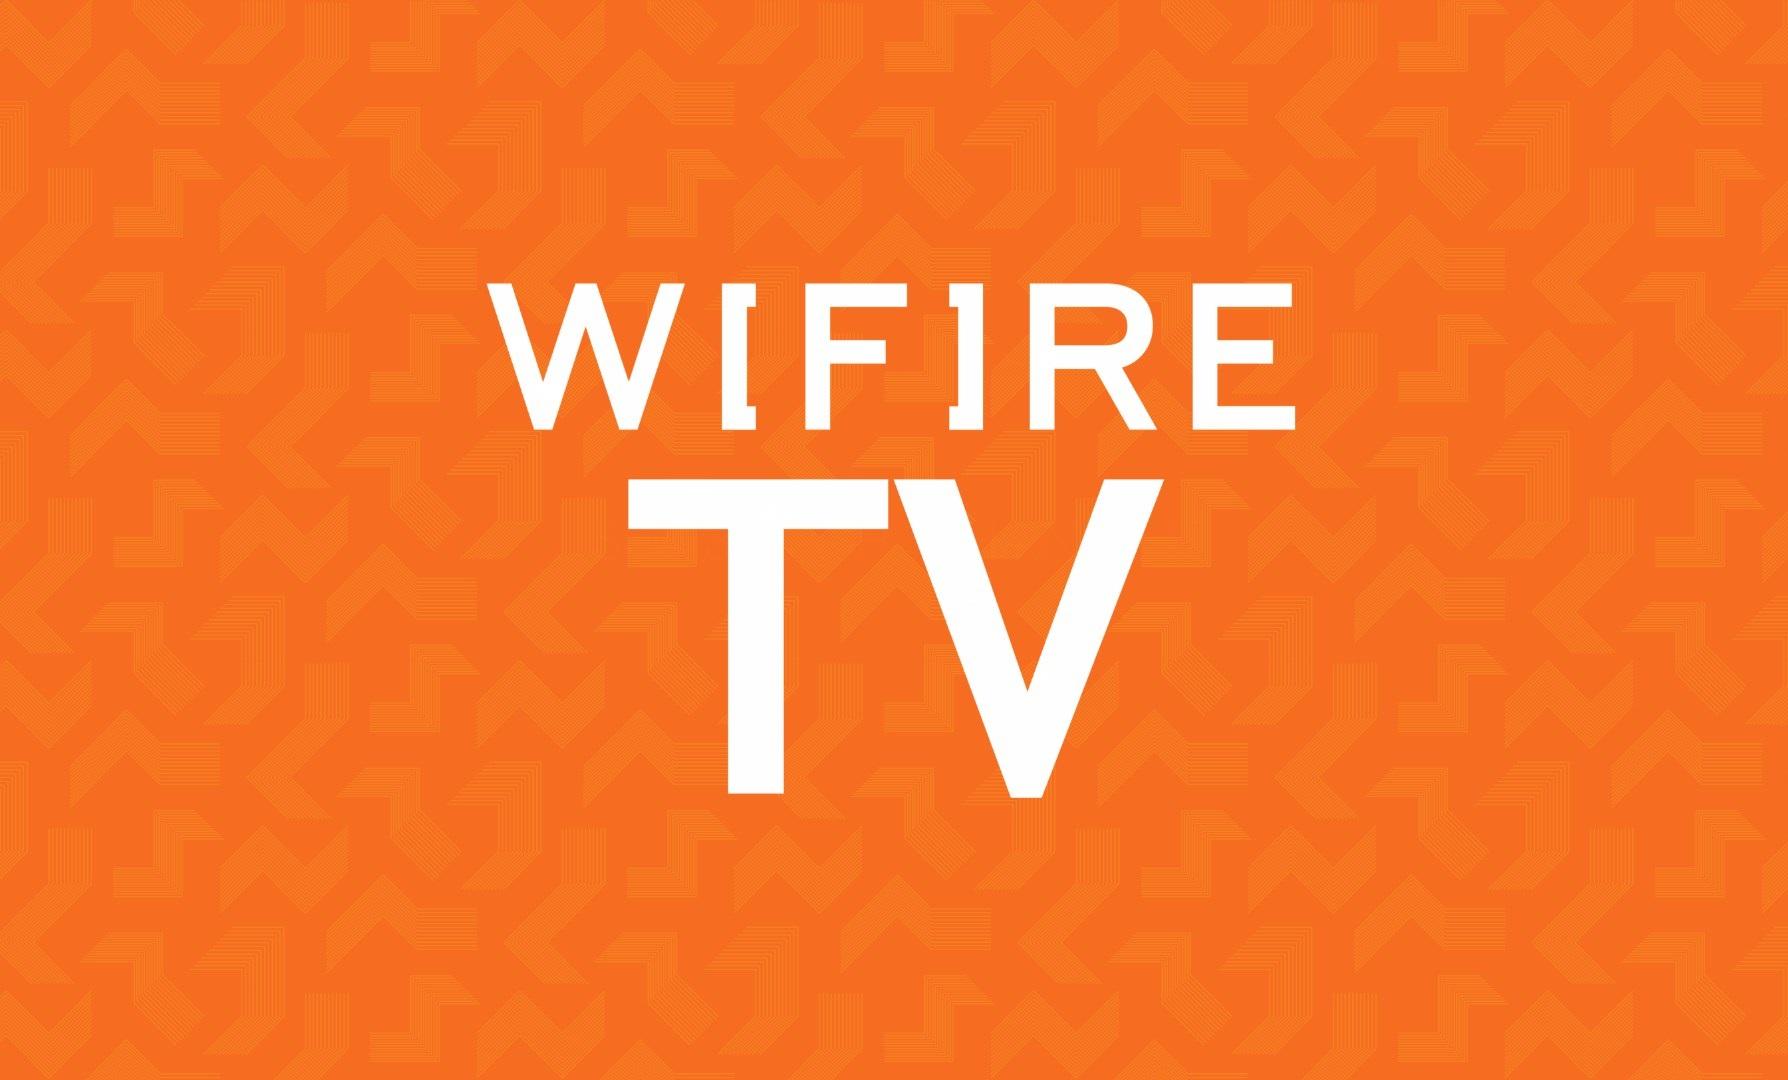 Wifire запускает акцию «Больше чем интернет» , а это 120 ТВ-каналов бесплатно на 6 месяцев 1